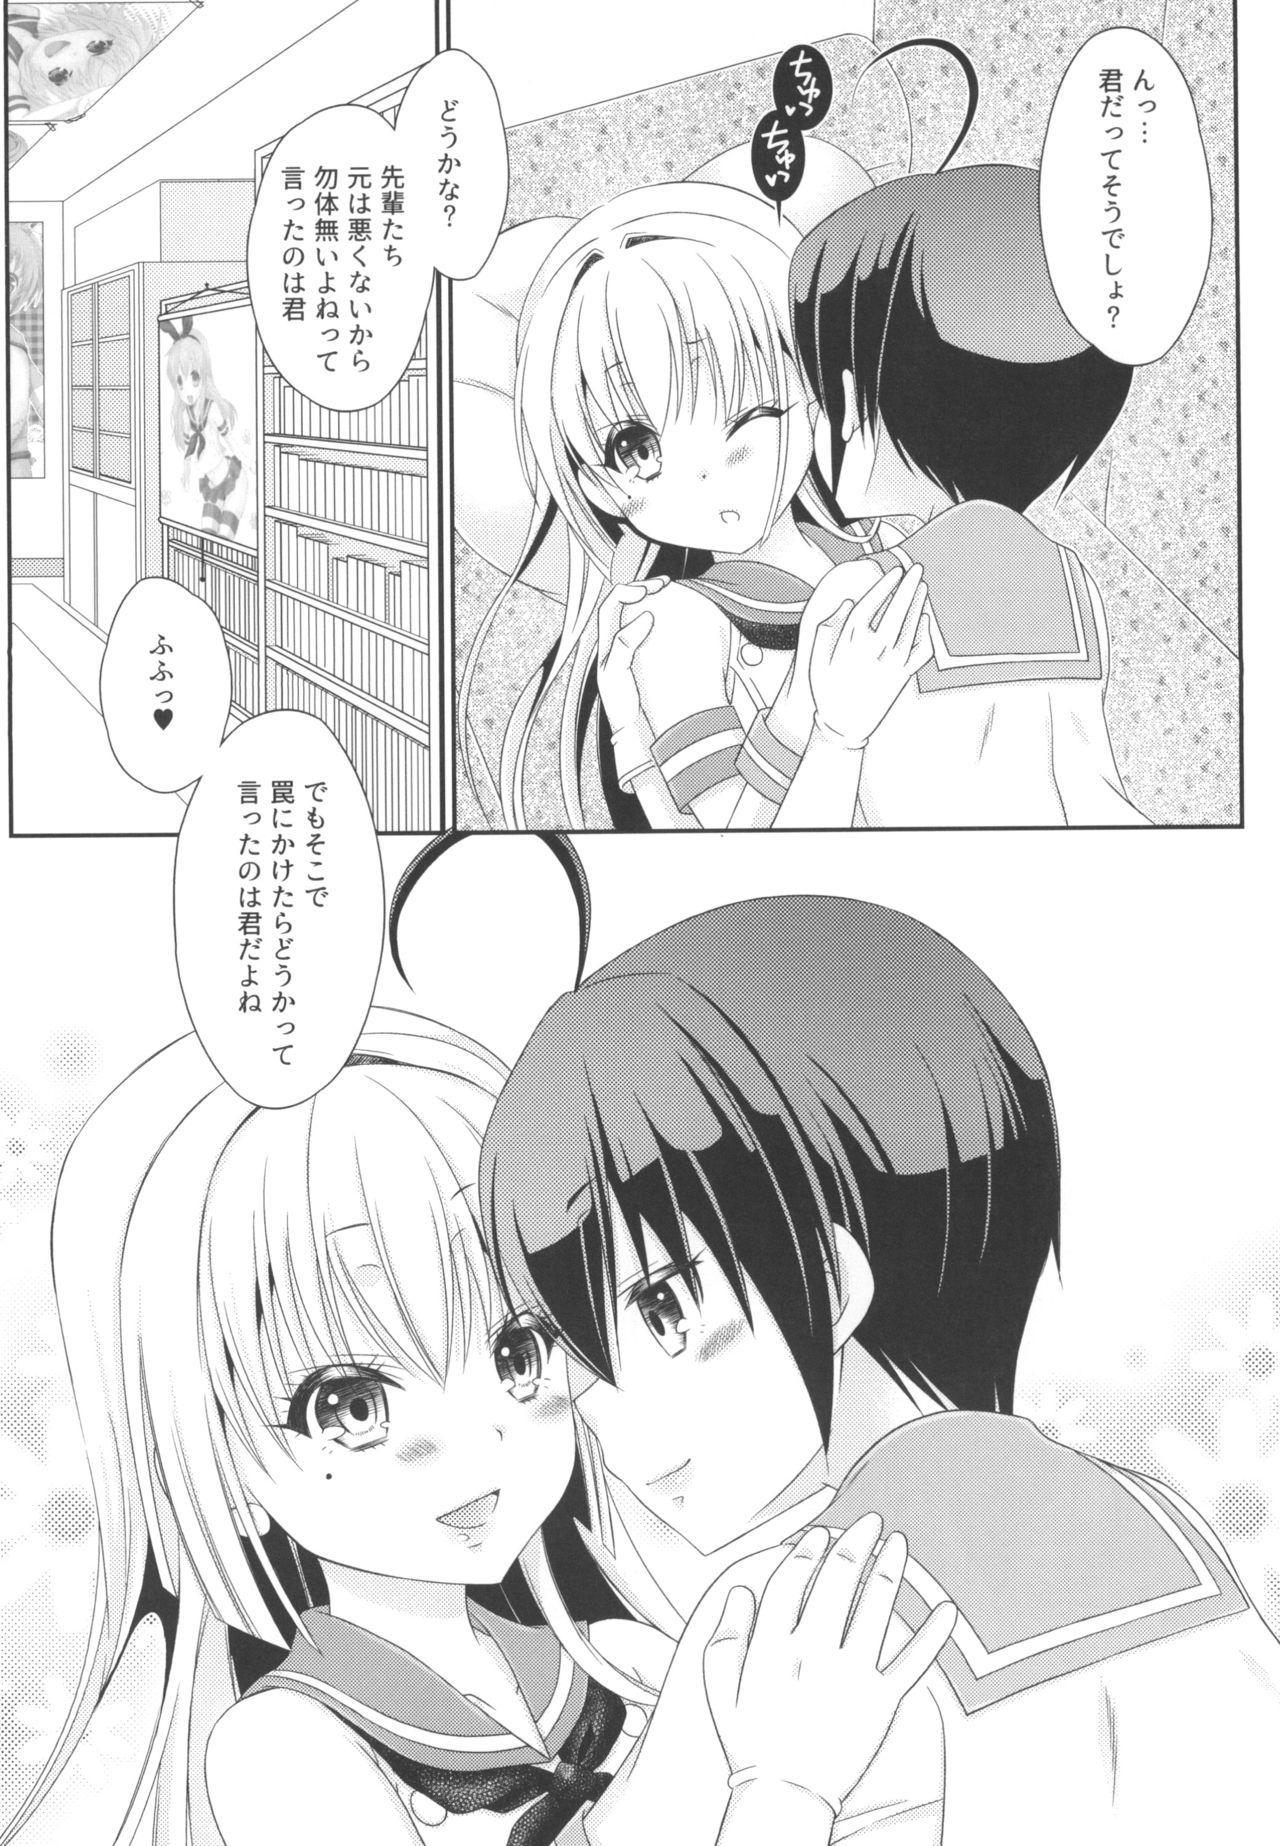 [Mariana Kaikou Kikaku (Mikami Hokuto)] Shimakaze-kun to OtaCir no Mob-tachi (Kantai Collection -KanColle-) [Digital] 51